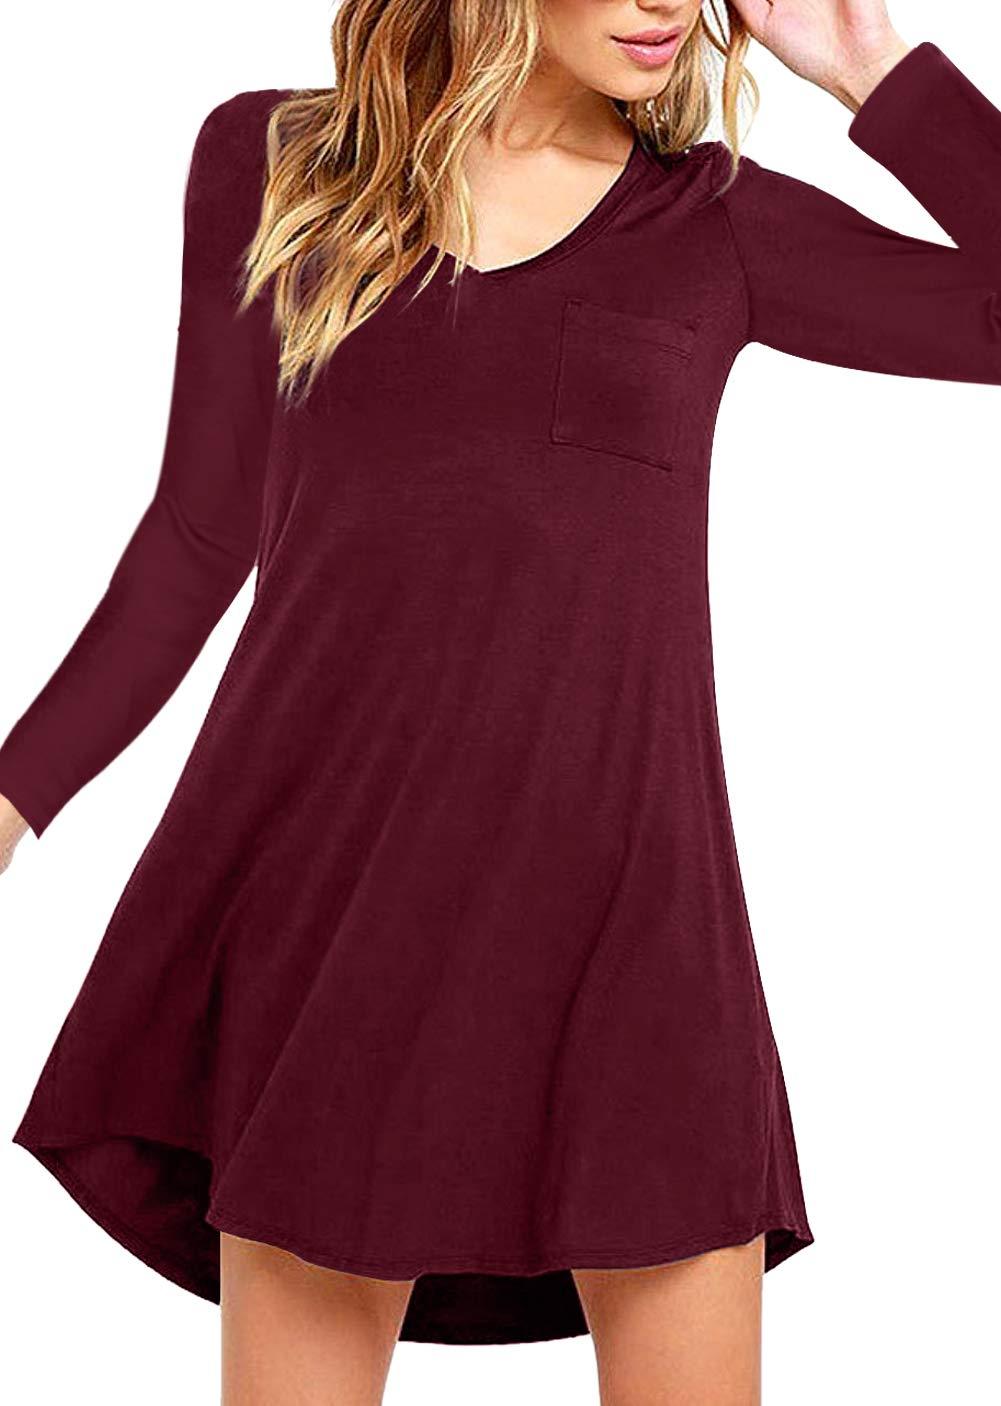 Eanklosco Damen Kleid Beiläufig V-Ausschnitt Lange Ärmel T Shirt Kleid mit Taschen (XXL, Weinrot)